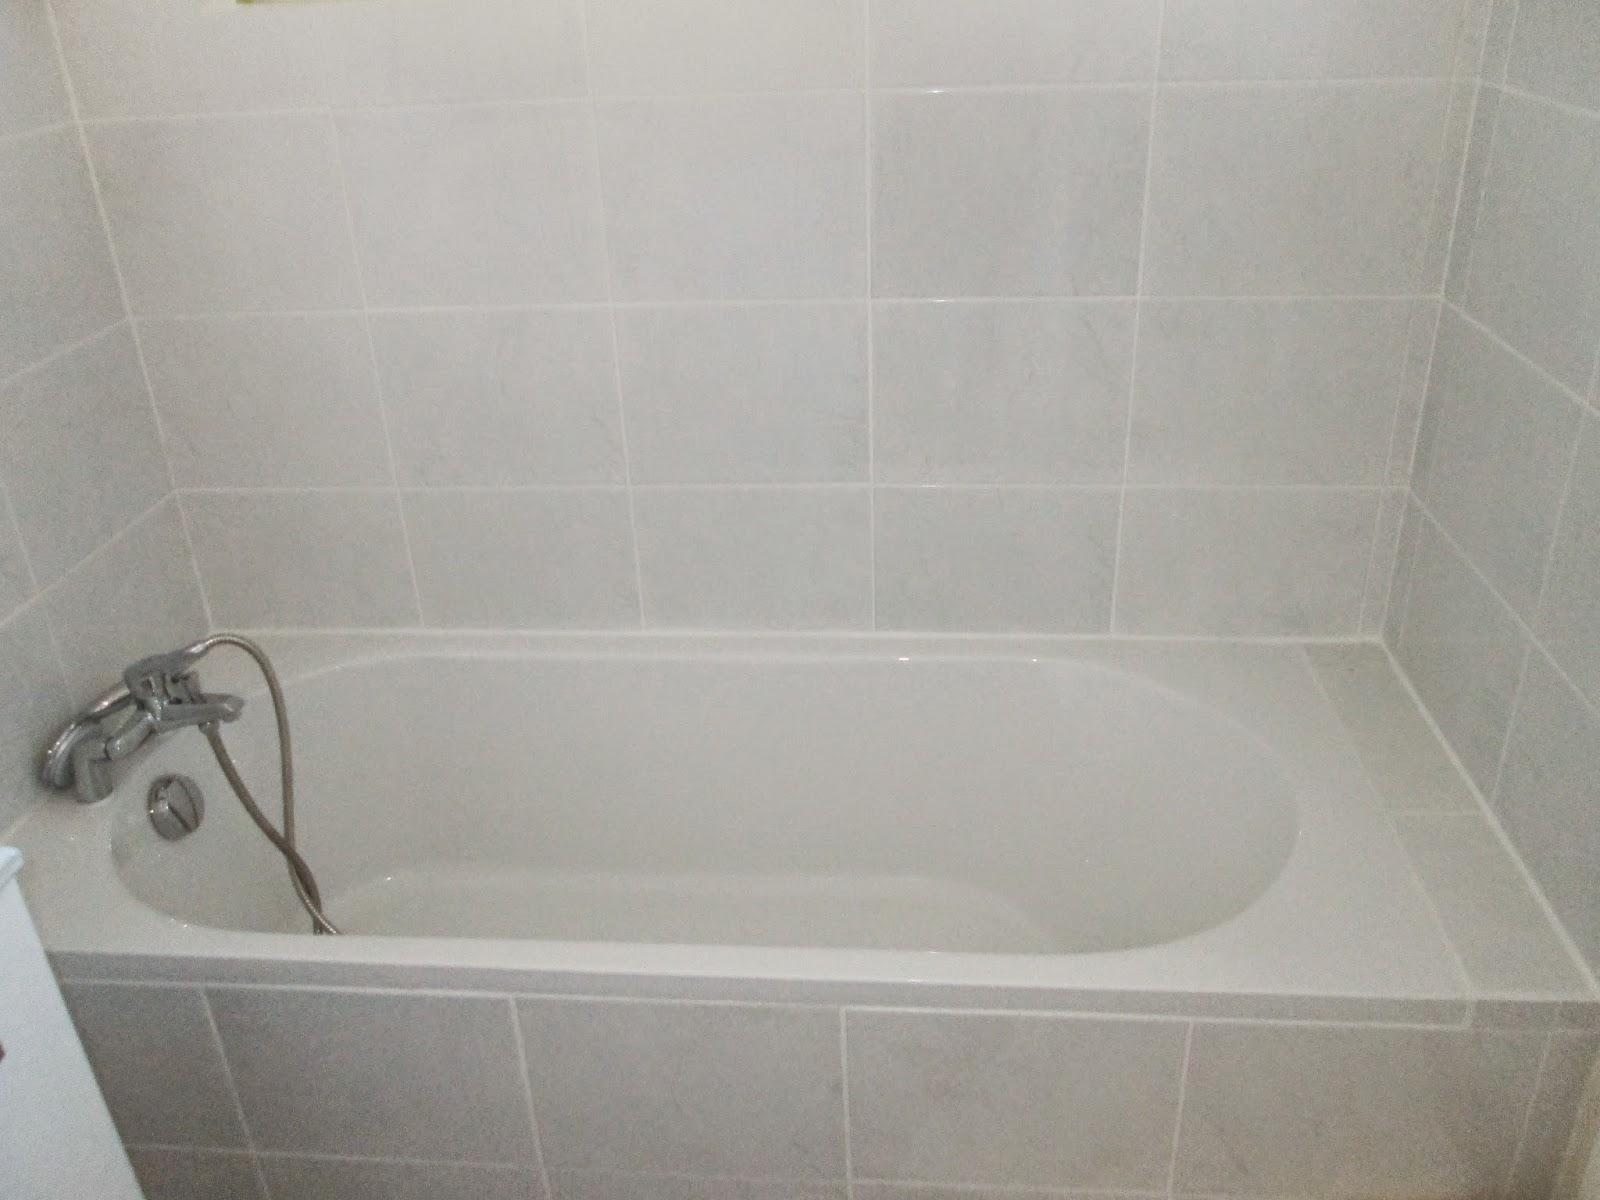 Philippe florance multi services remise aux mornes d 39 une salle de bain s - Pose baignoire acrylique ...